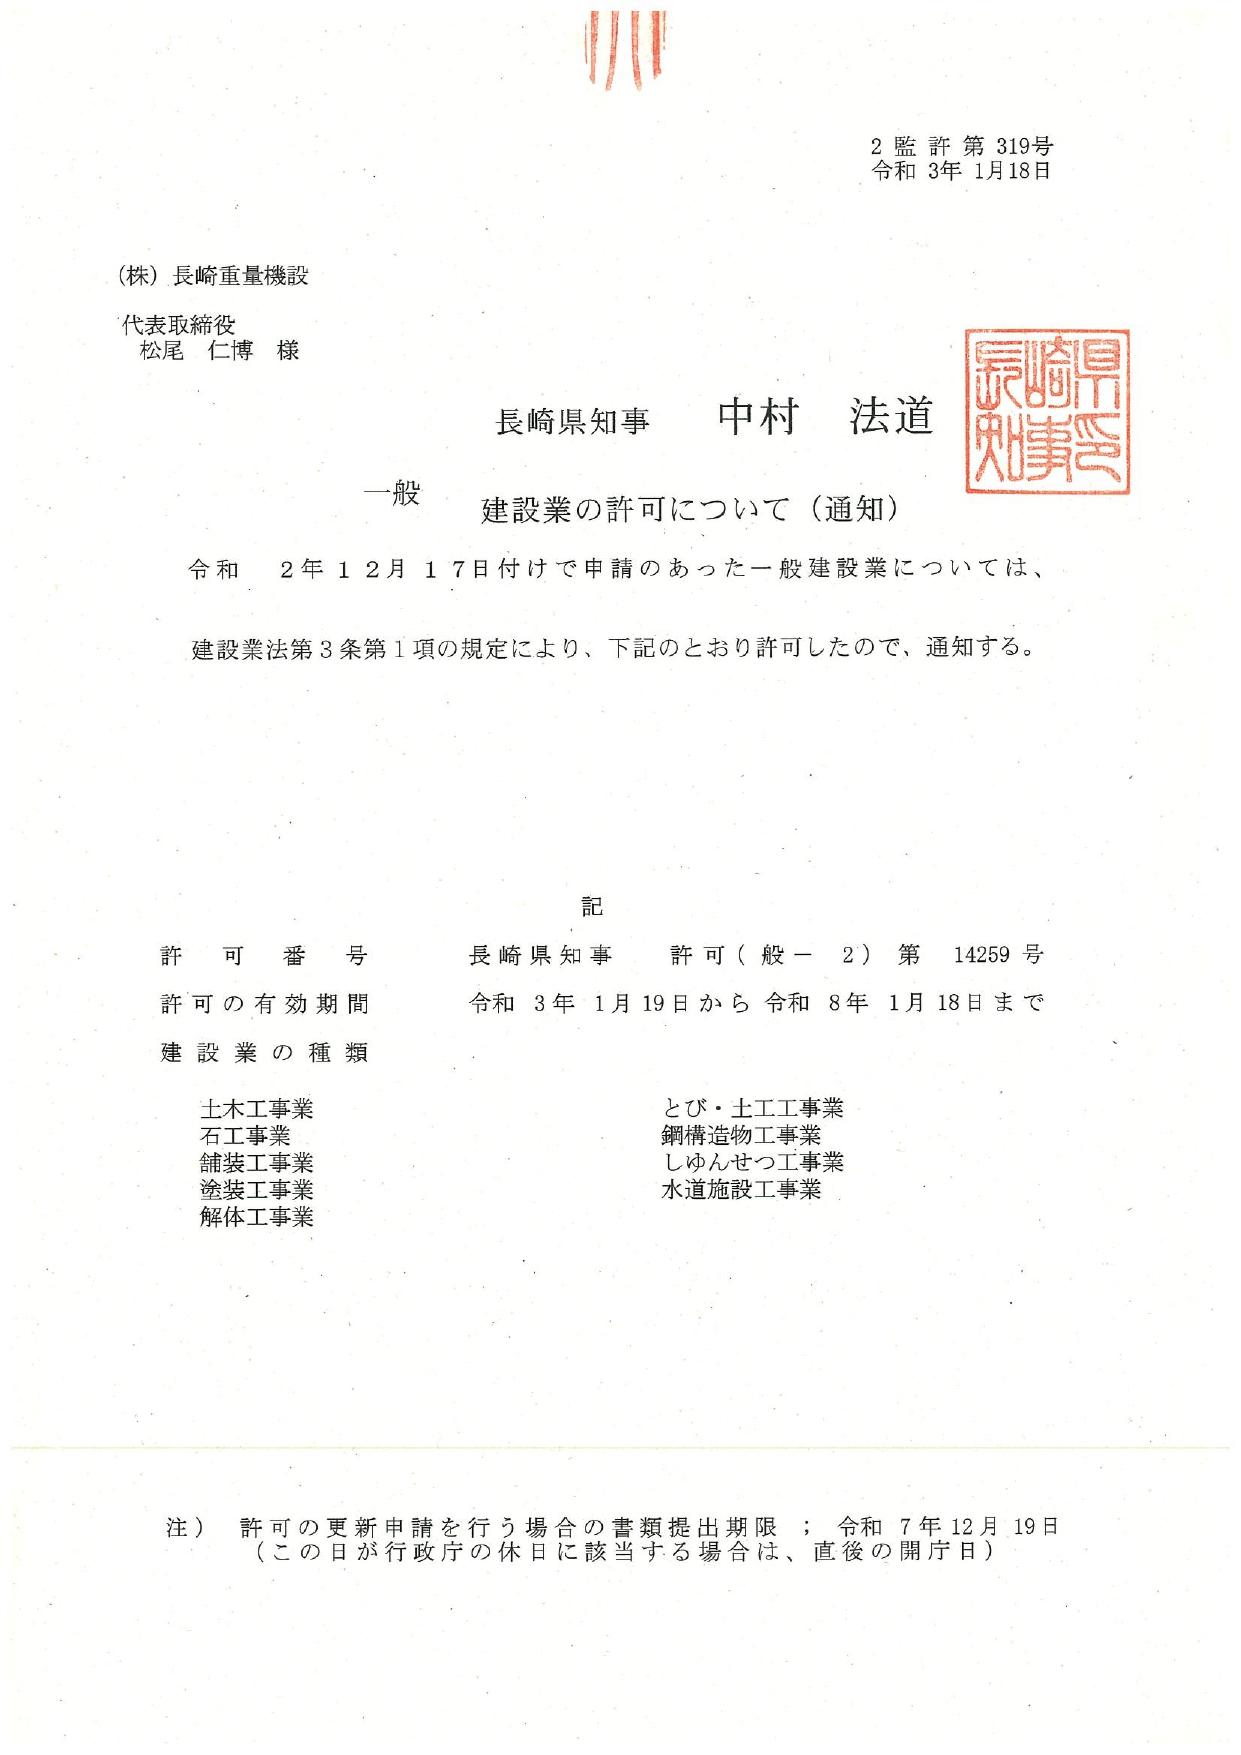 長崎重量機設建設業許可証